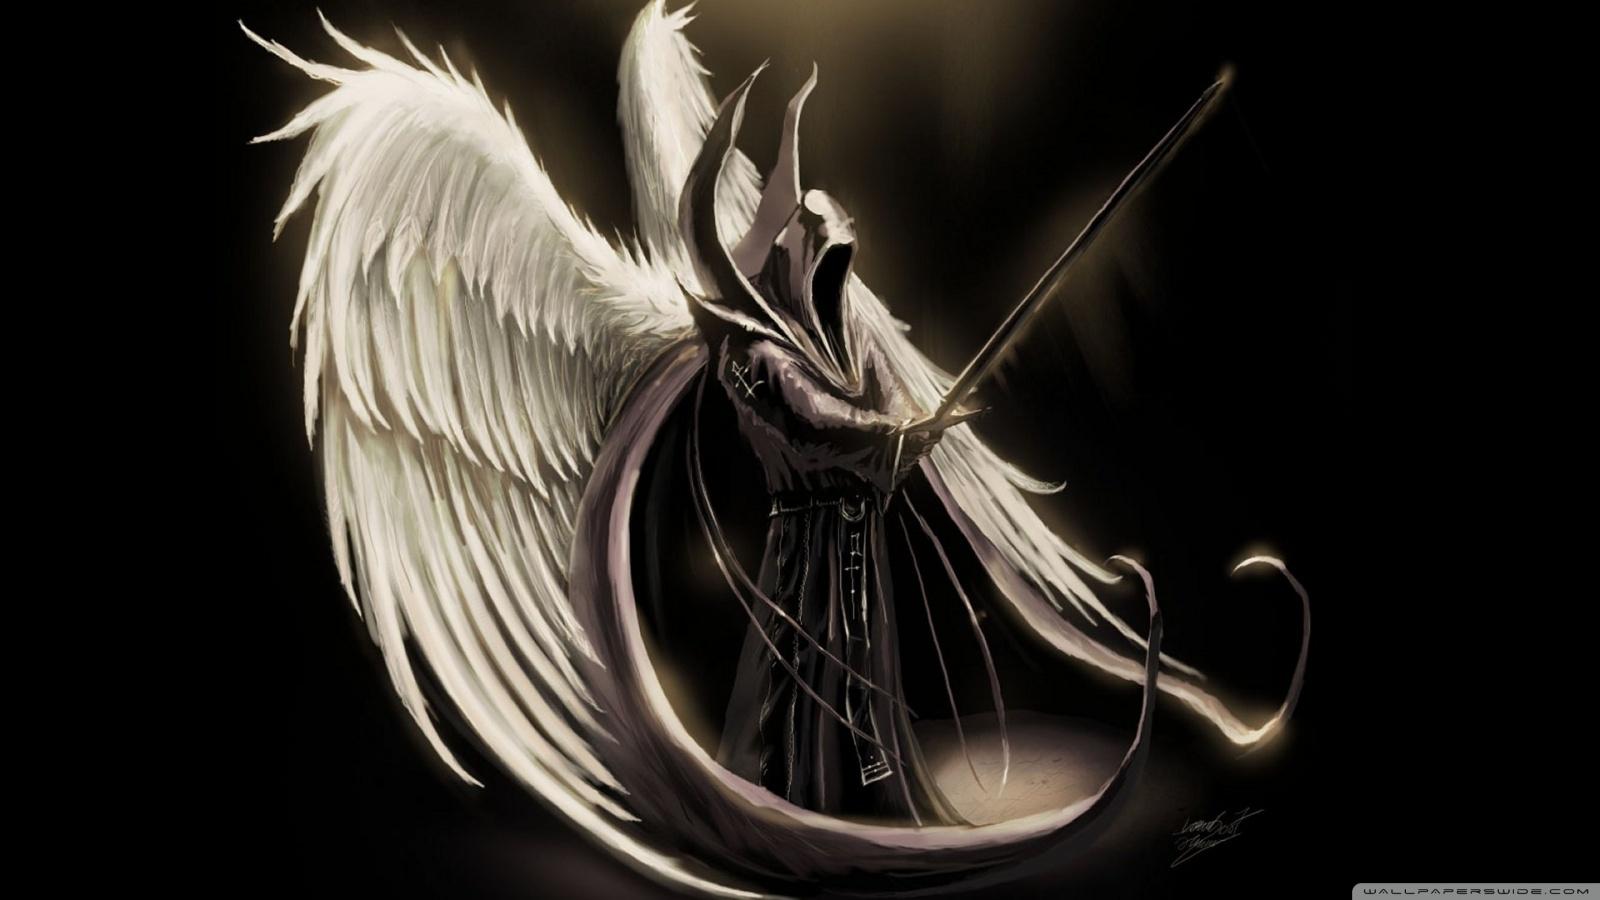 fallen angel art wallpaper 1600x900 1600x900